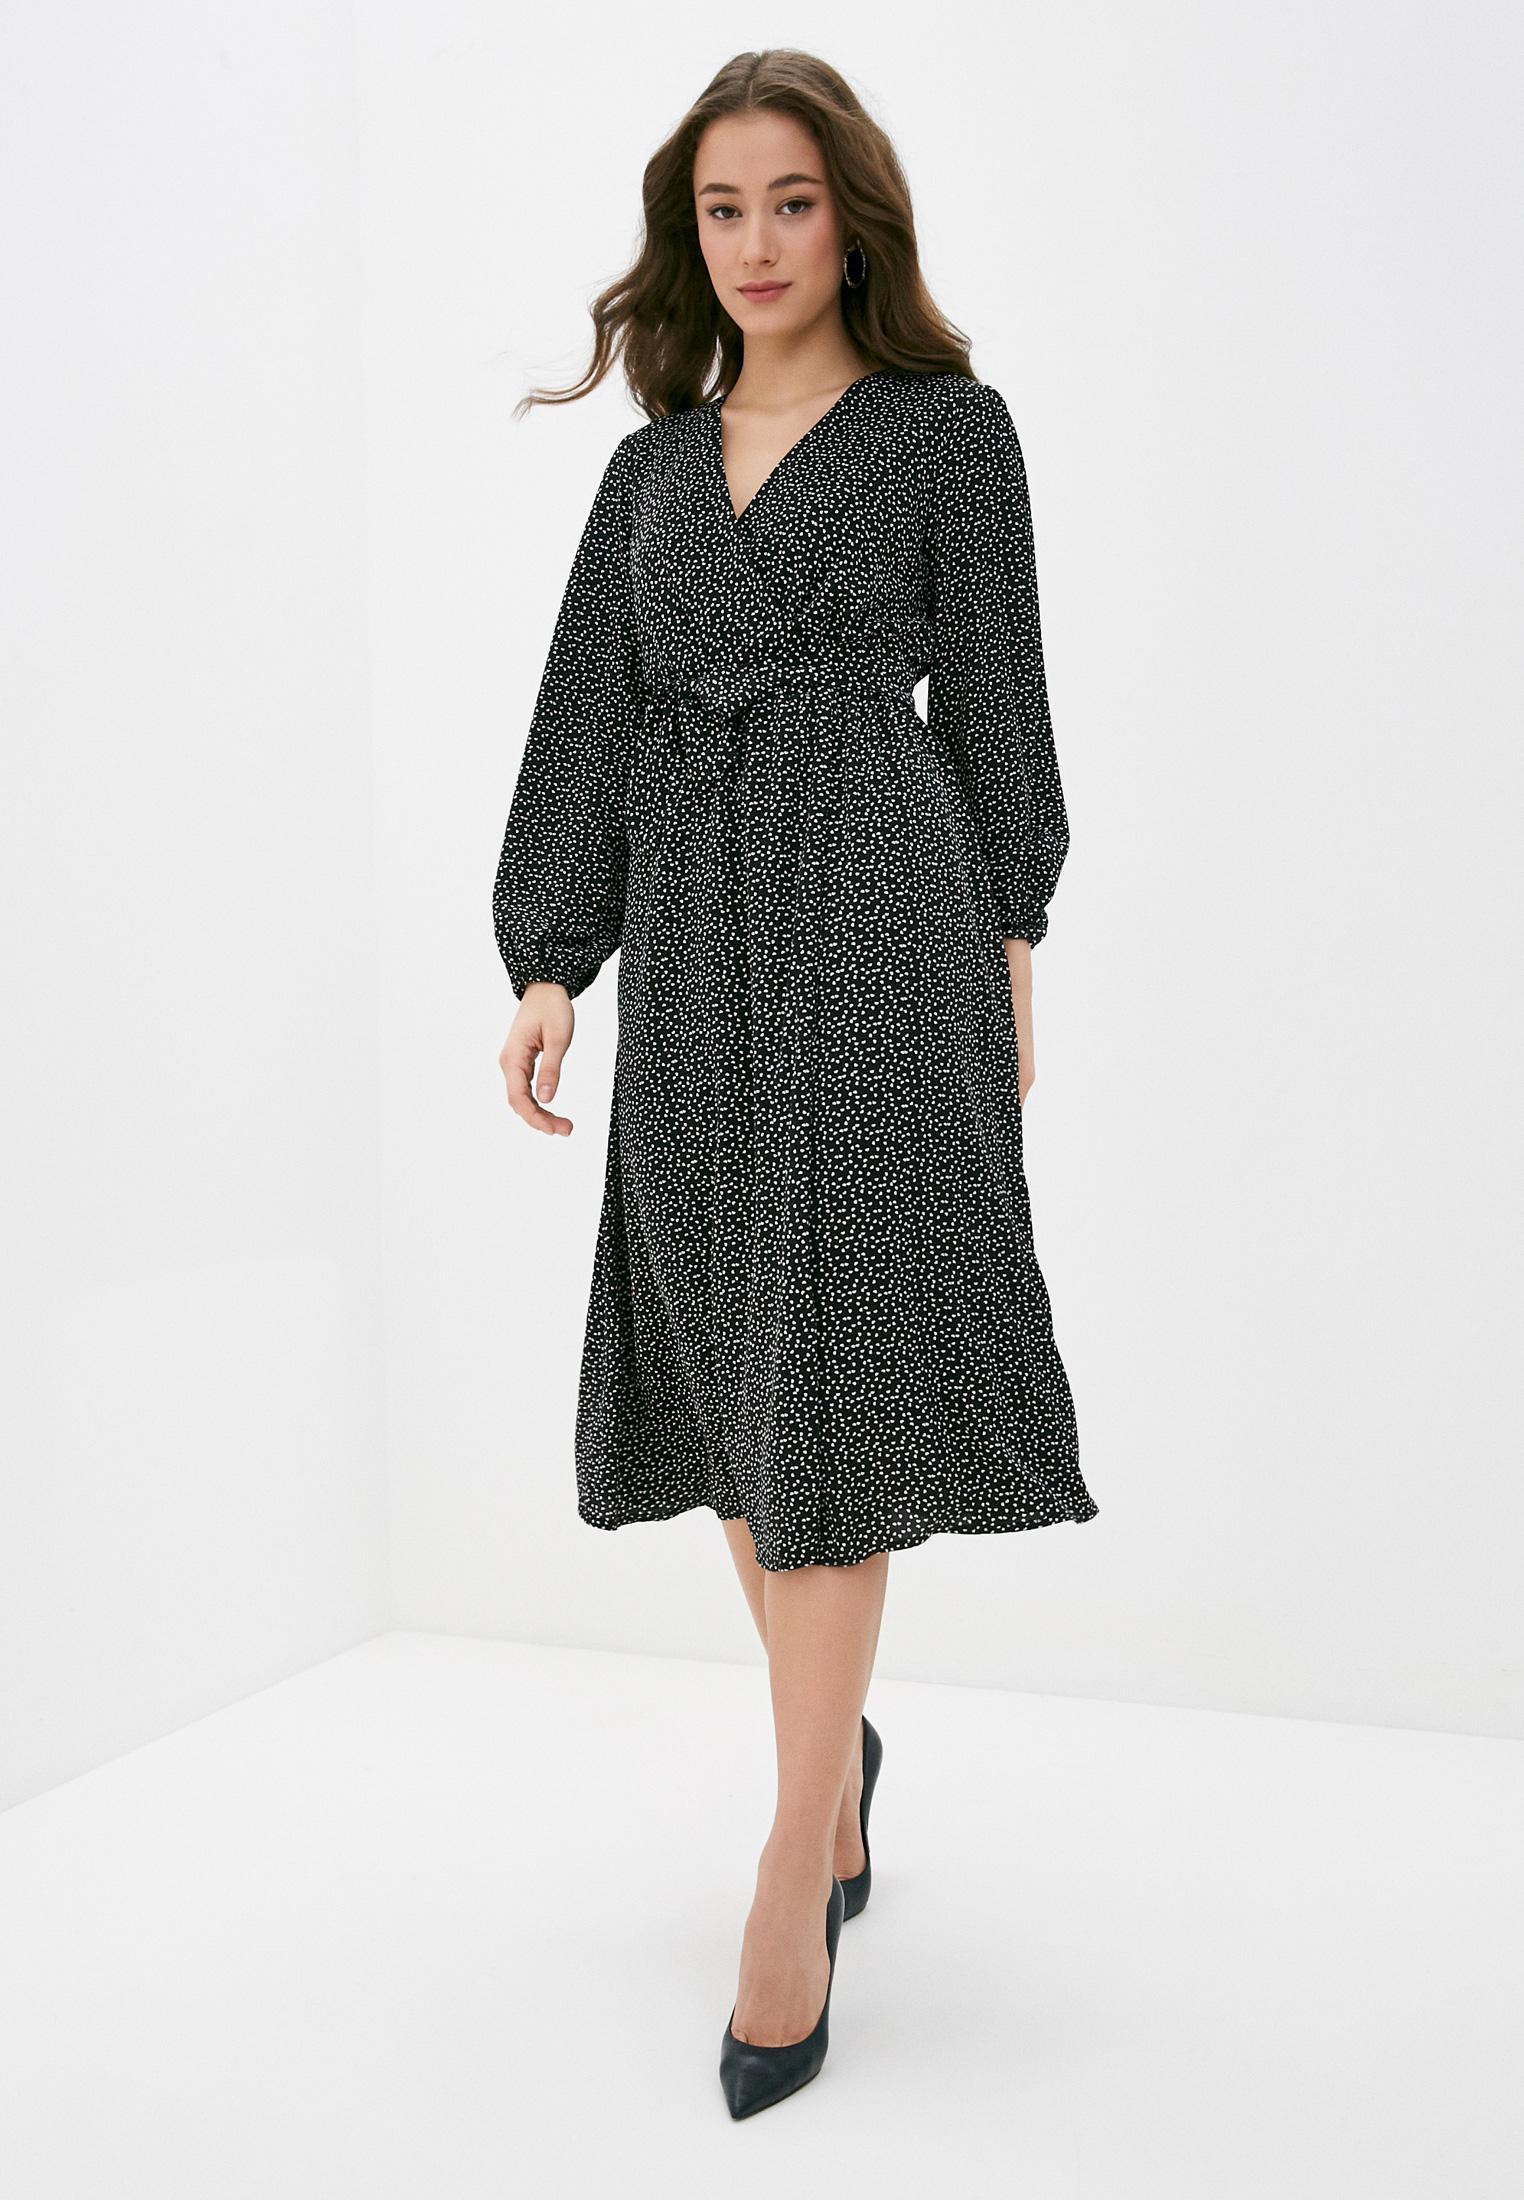 Платье Dunia DU21-17-1